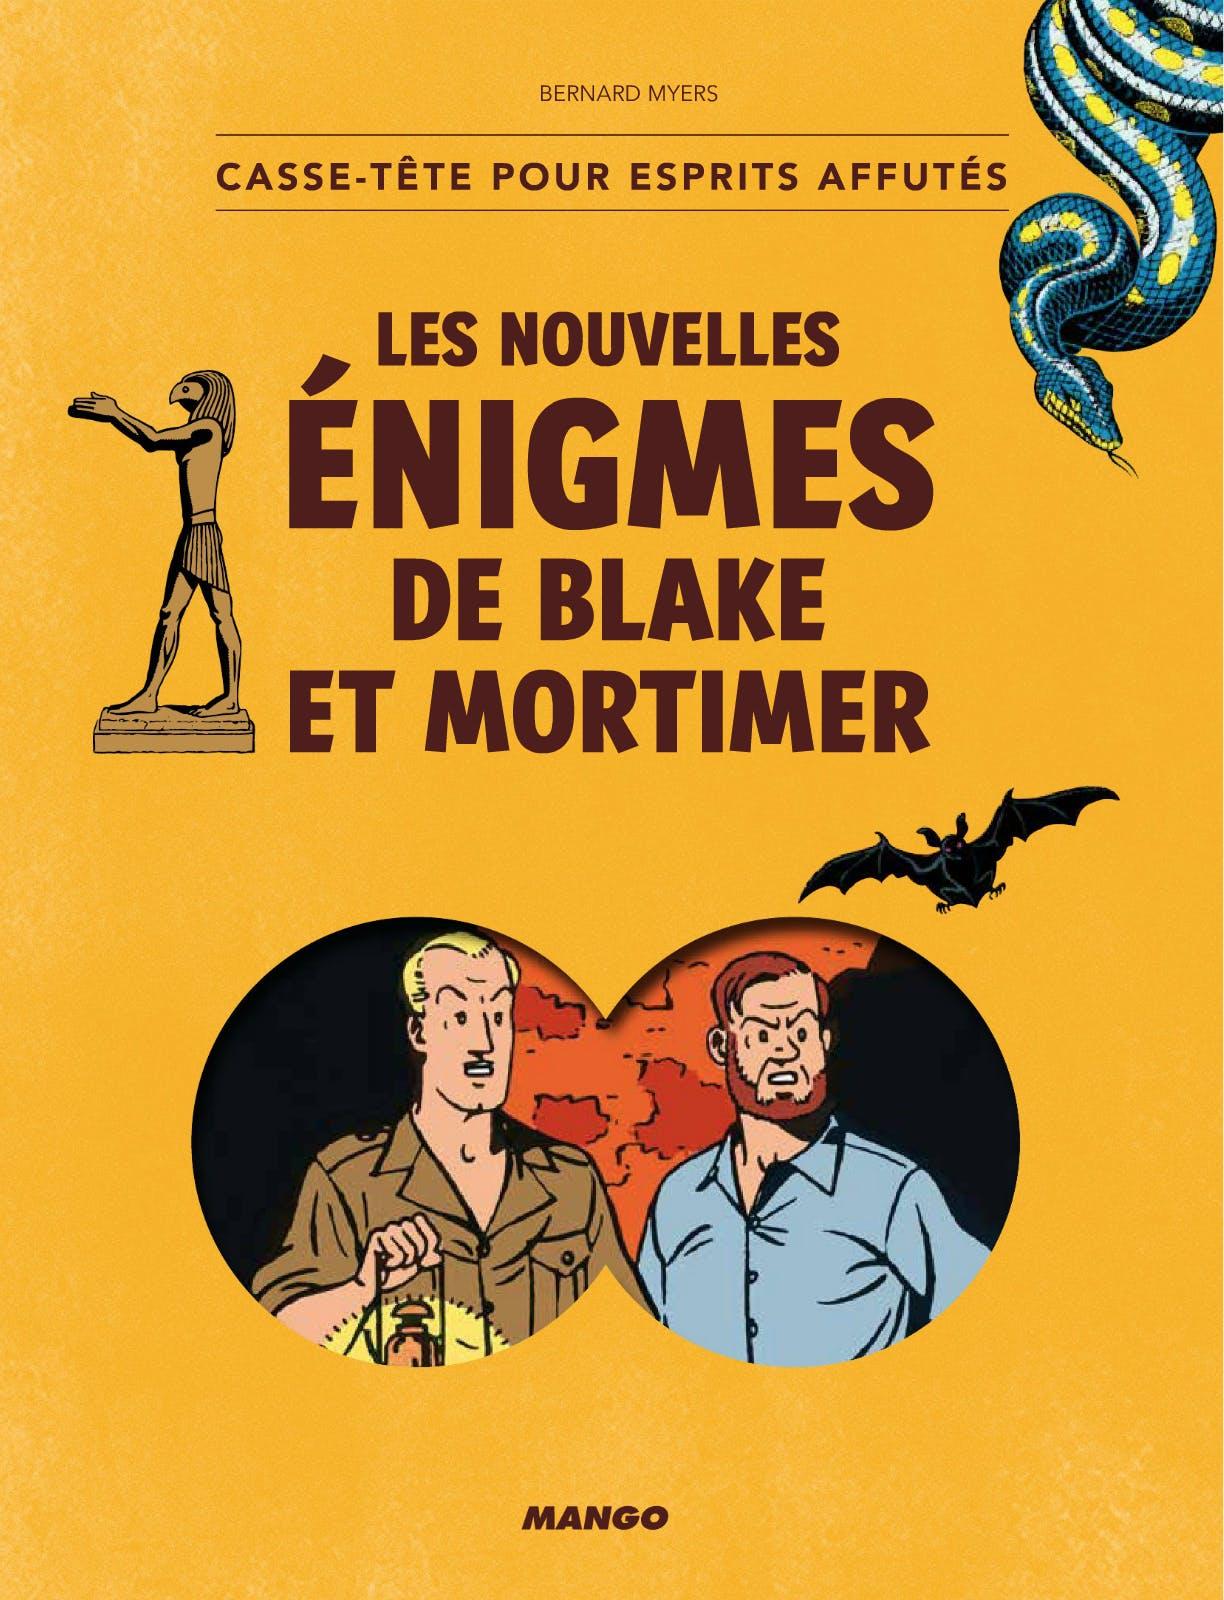 Les nouvelles énigmes de Blake et Mortimer: Casse-tête pour esprits affutés